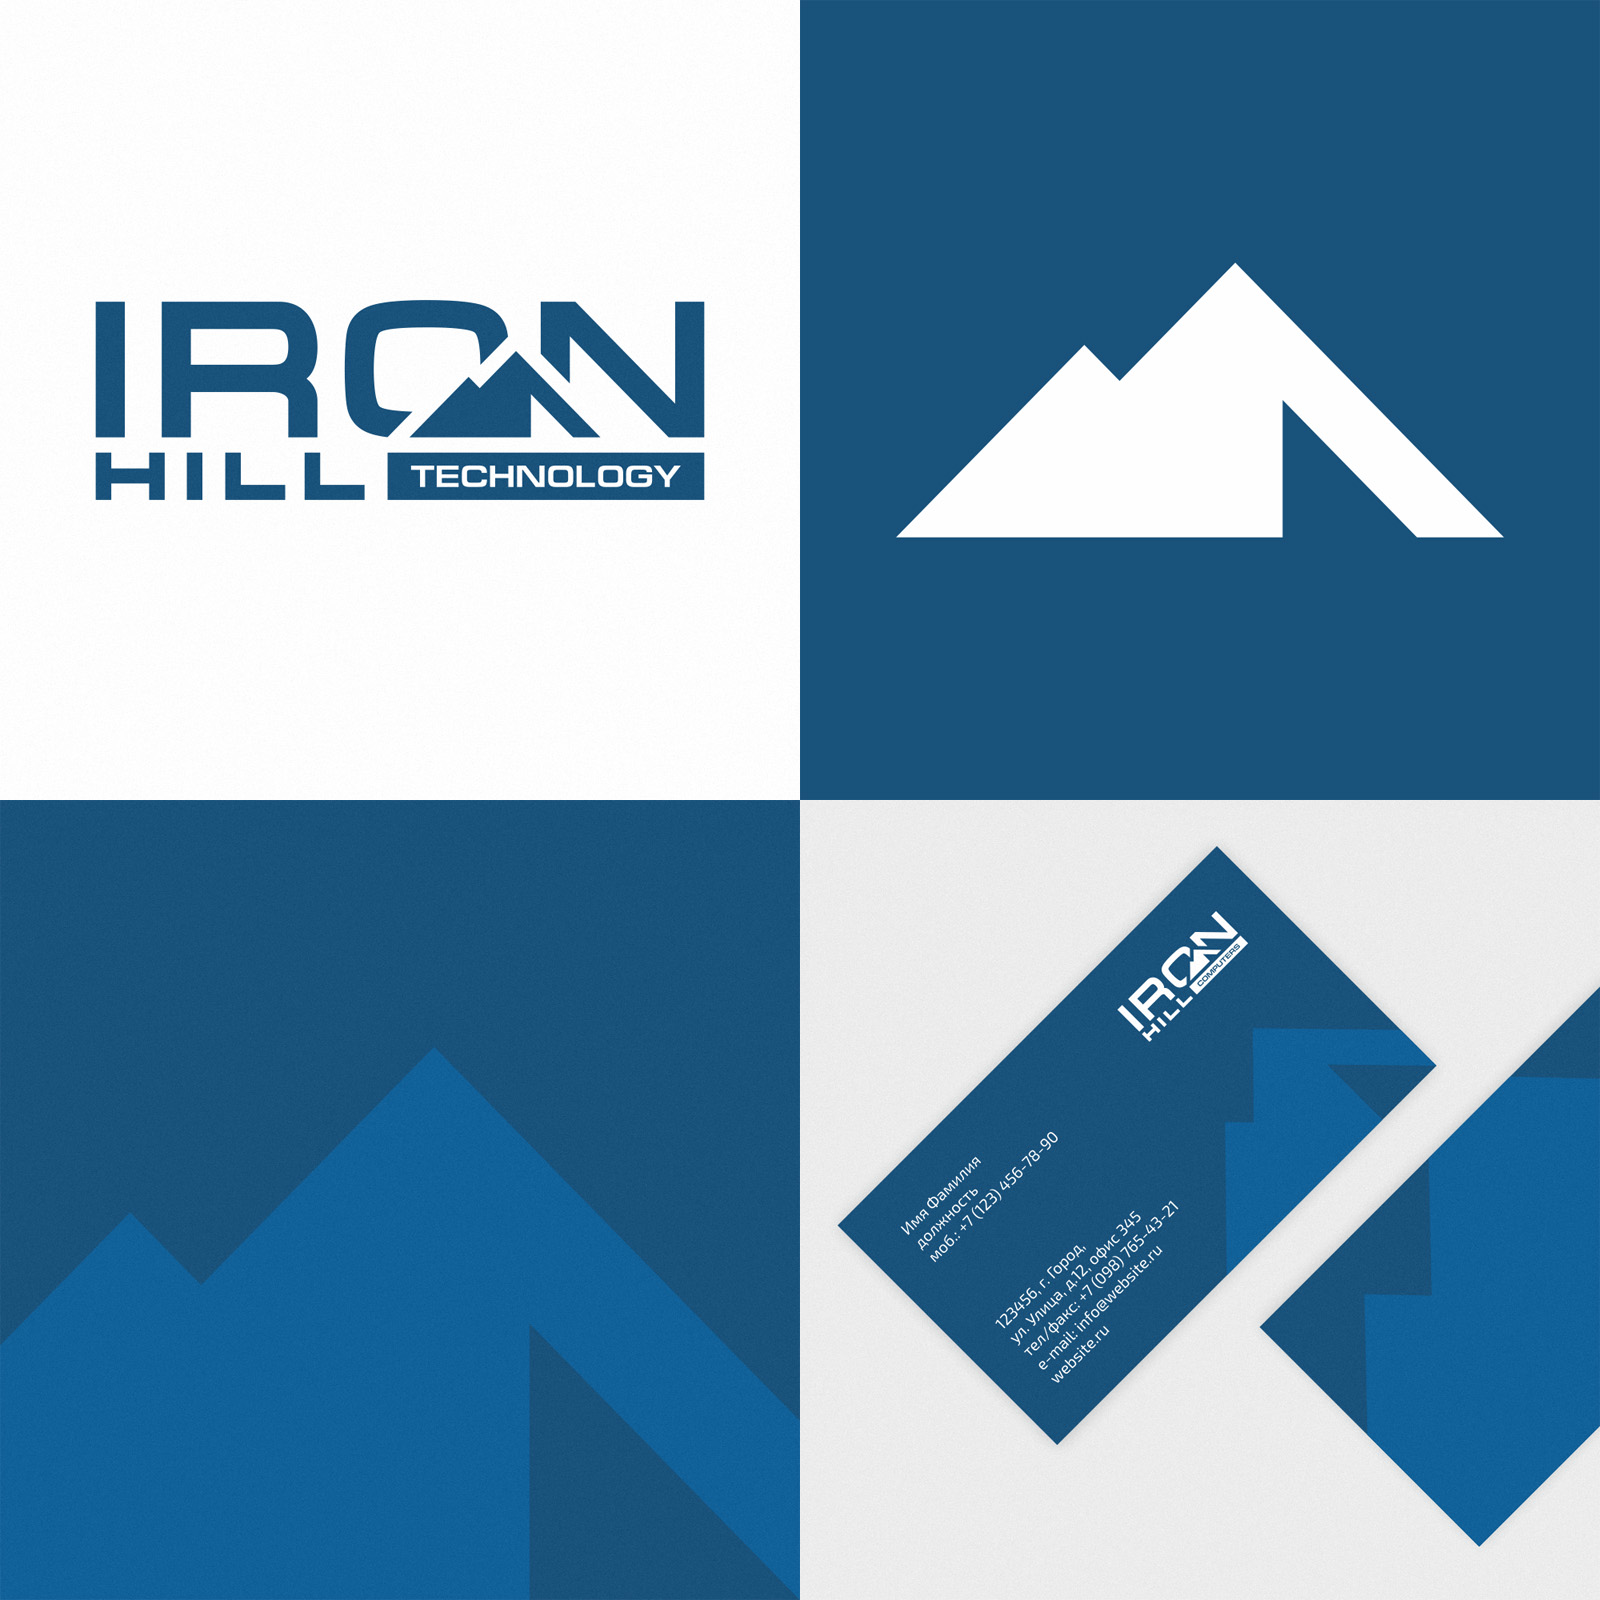 IronHill